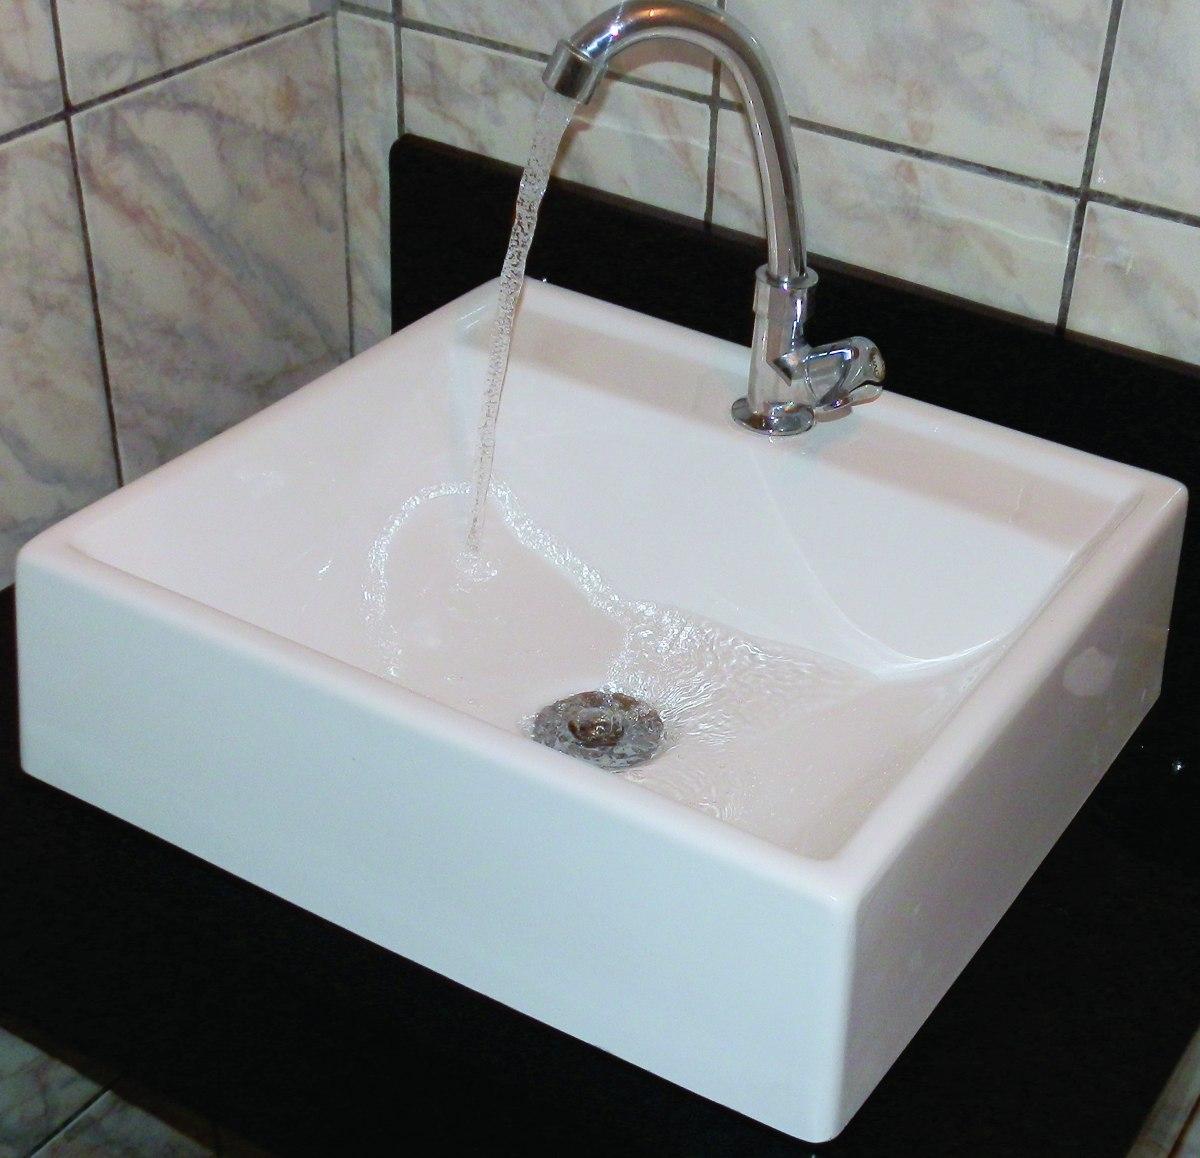 Cuba Sobrepor Para Banheiro Quadrada  R$ 129,99 em Mercado Livre -> Cuba De Banheiro Sobrepor